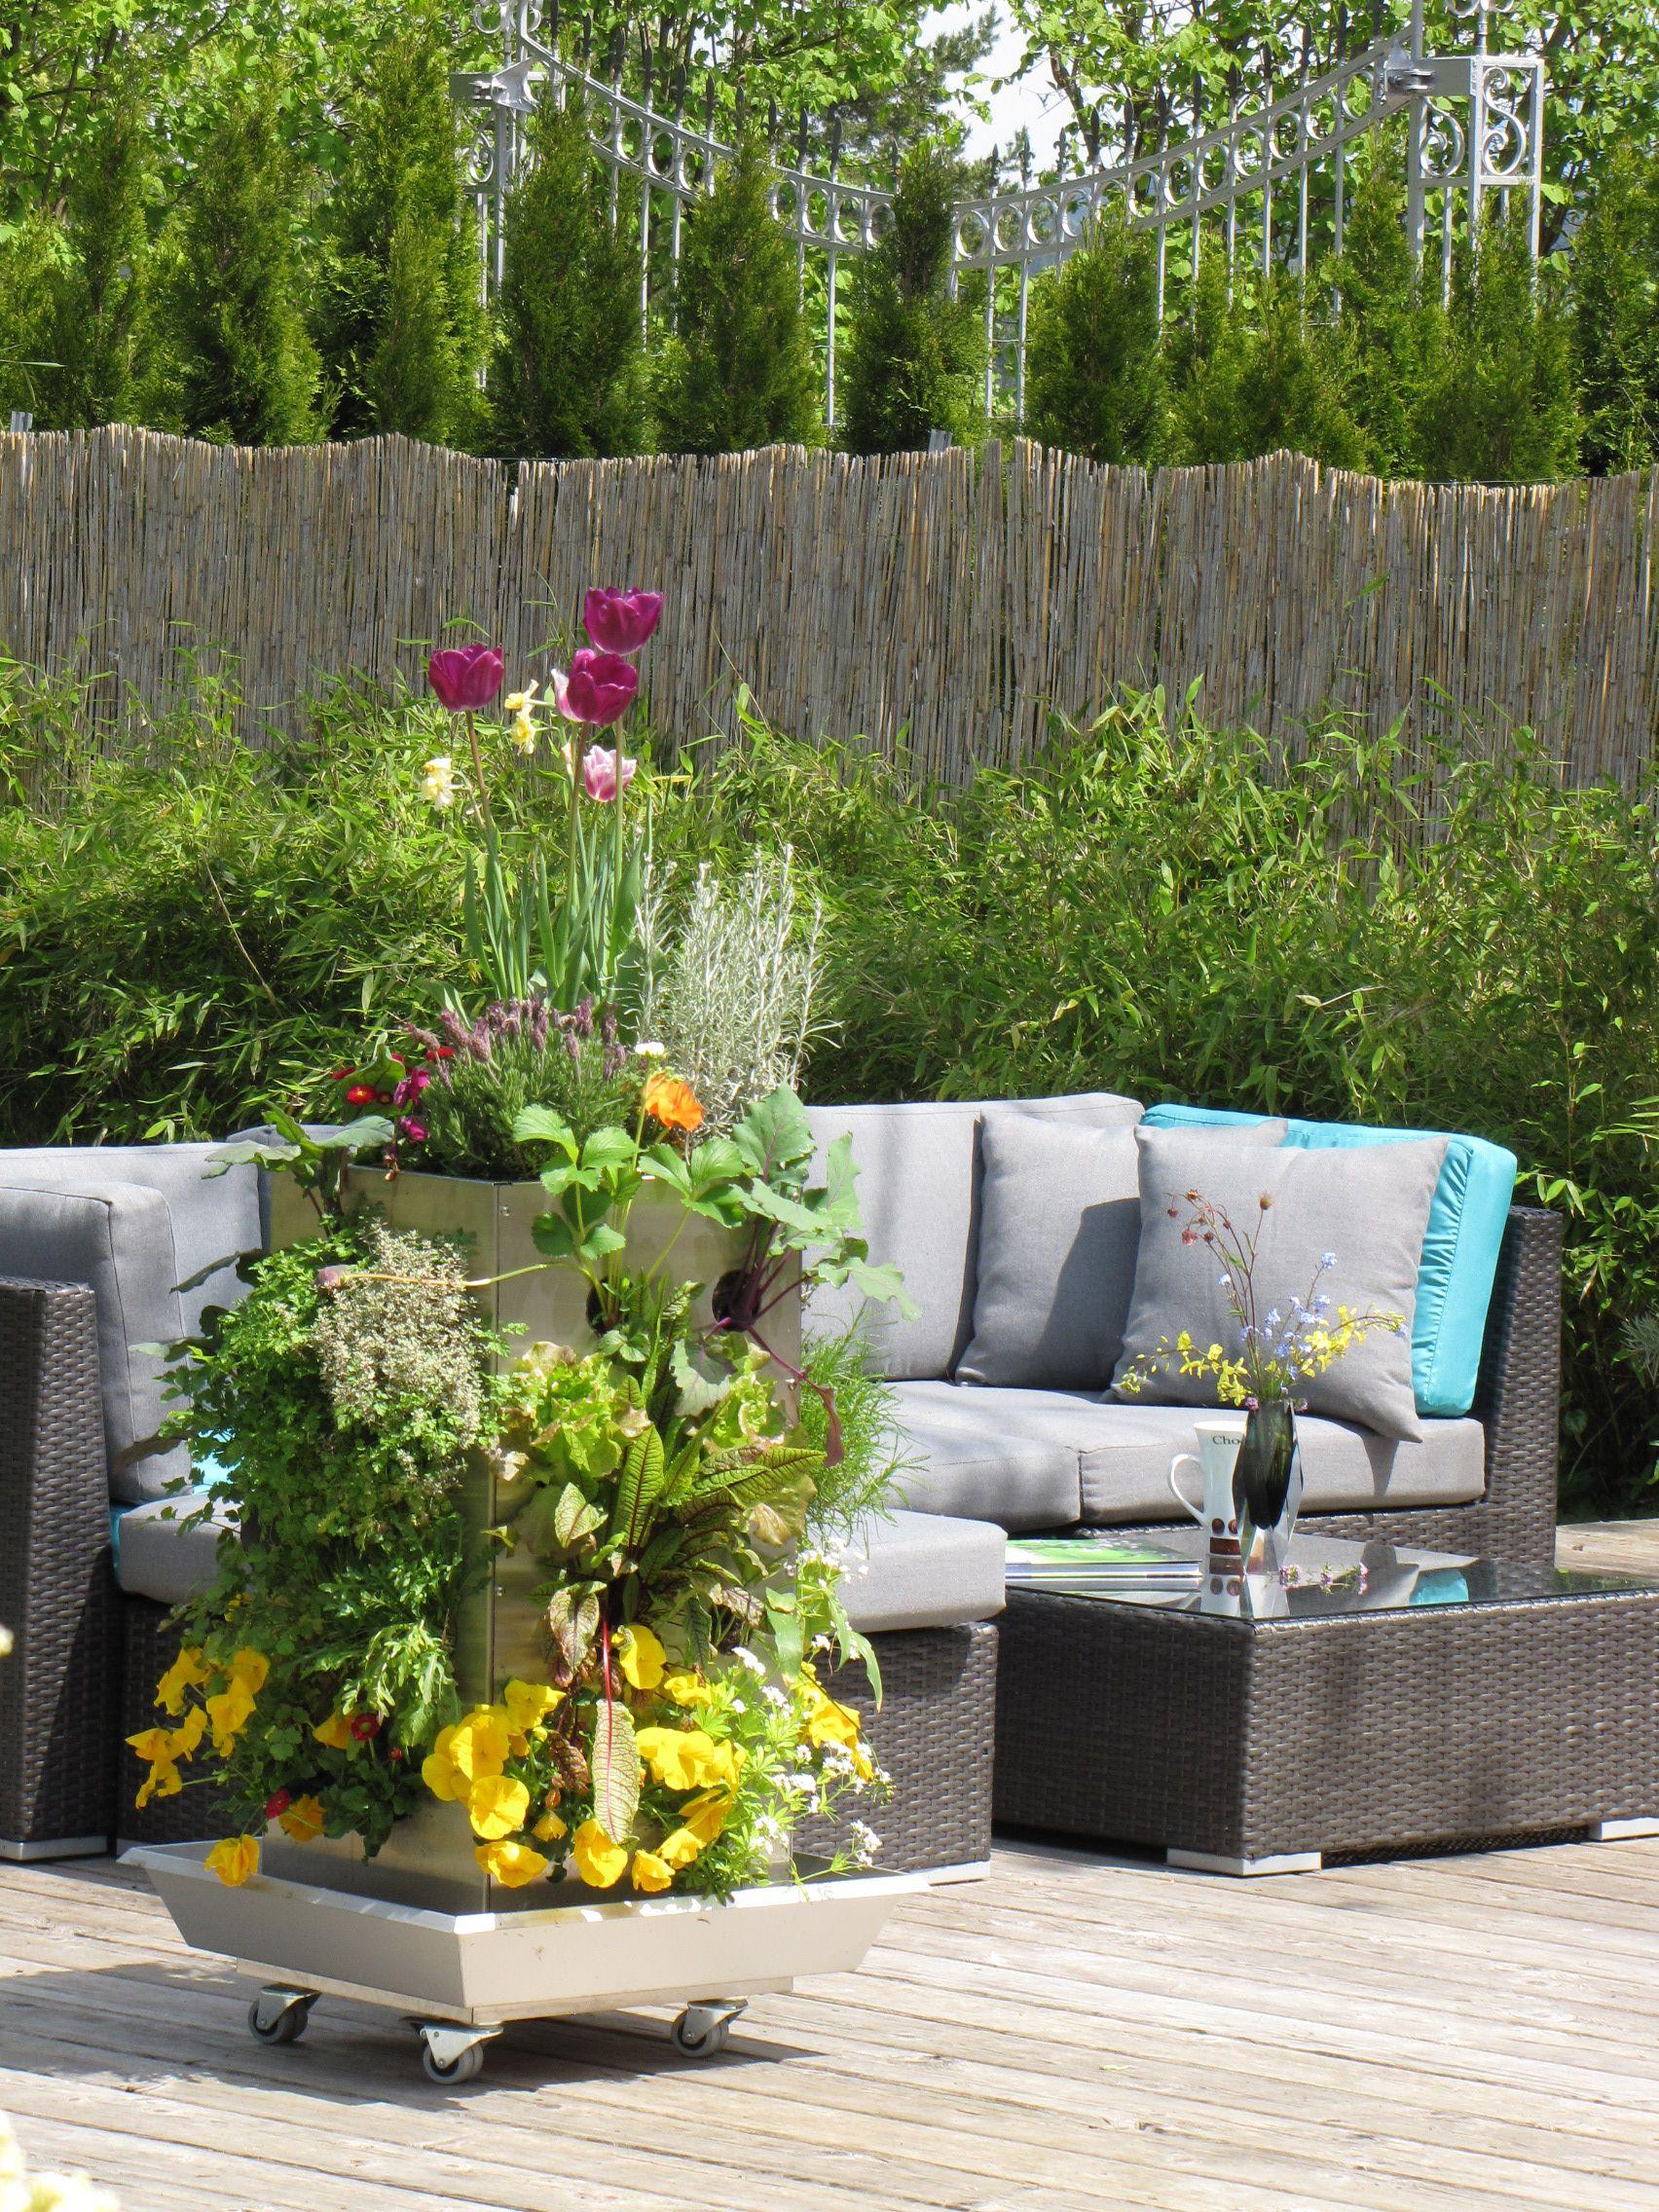 Kubi Maxi Und Kubi Mini Auf Der Terrasse. #kubi #hochbeet ... Gemuse Auf Dem Balkon Hochbeet Garten